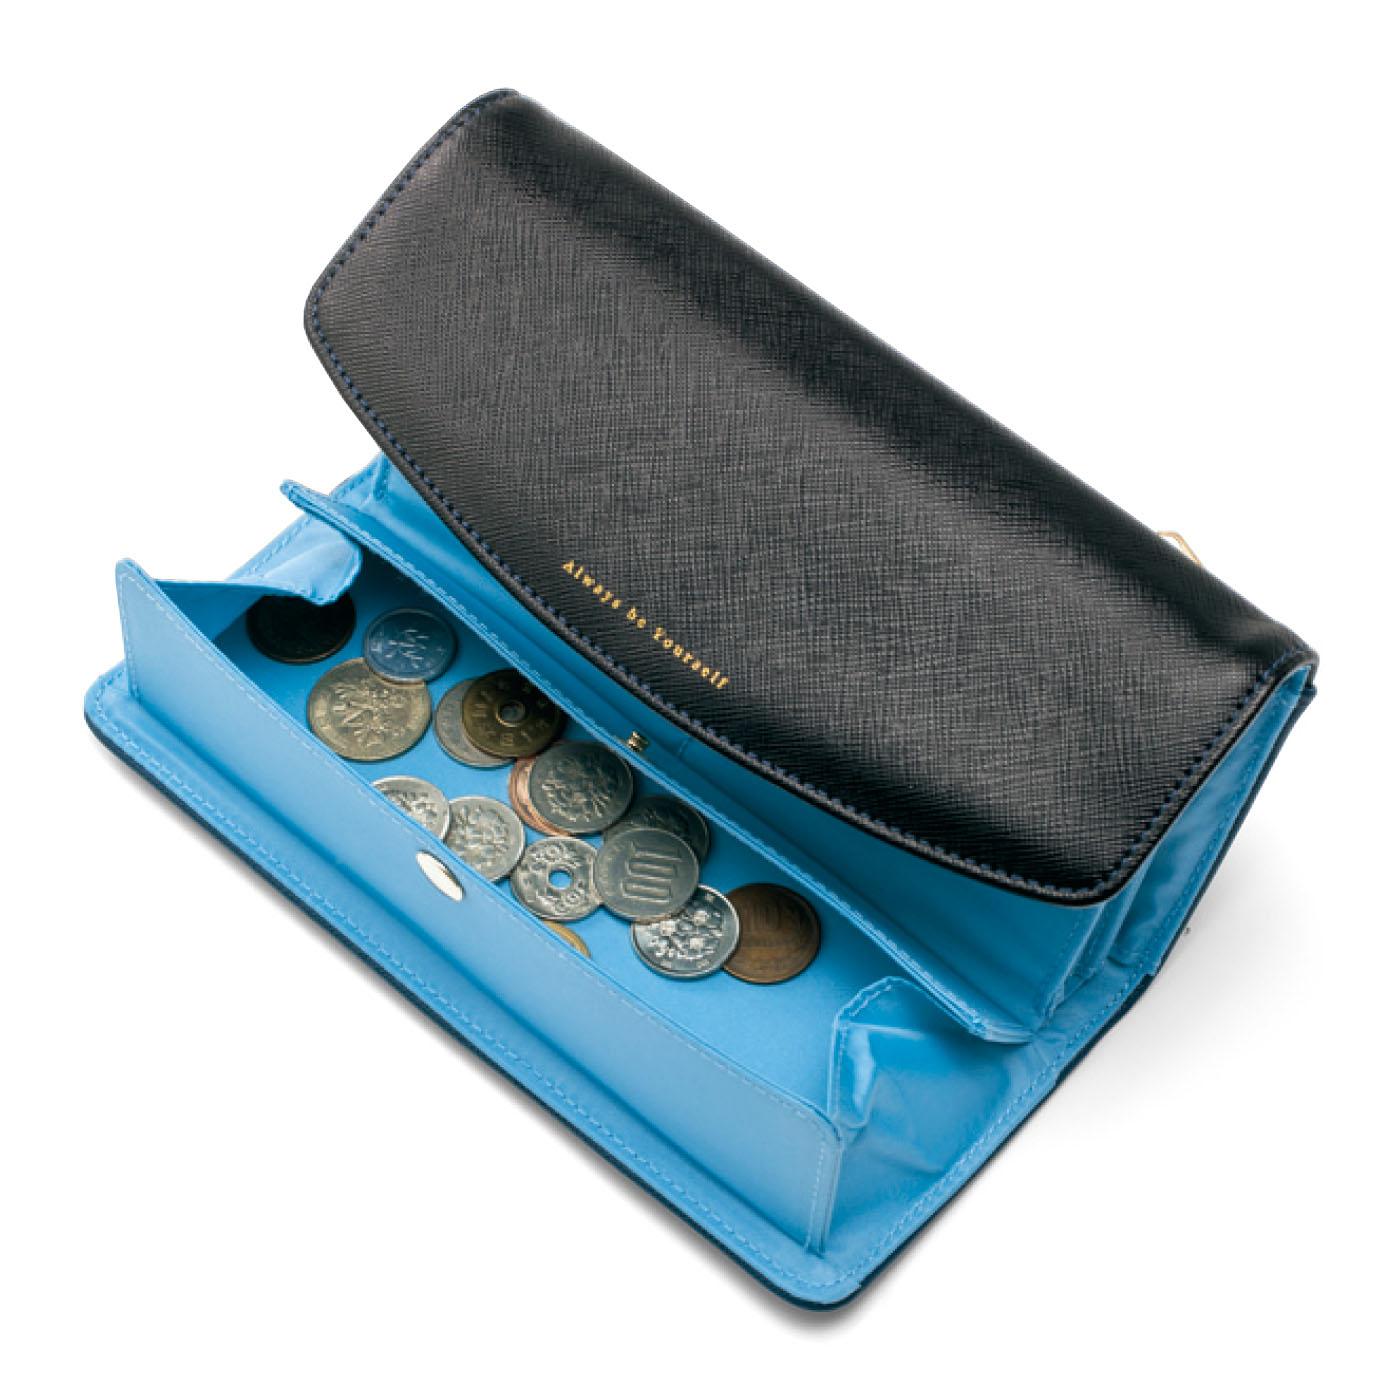 ふたが大きいので、小銭を探しているときにカードやお札を隠すことができます。